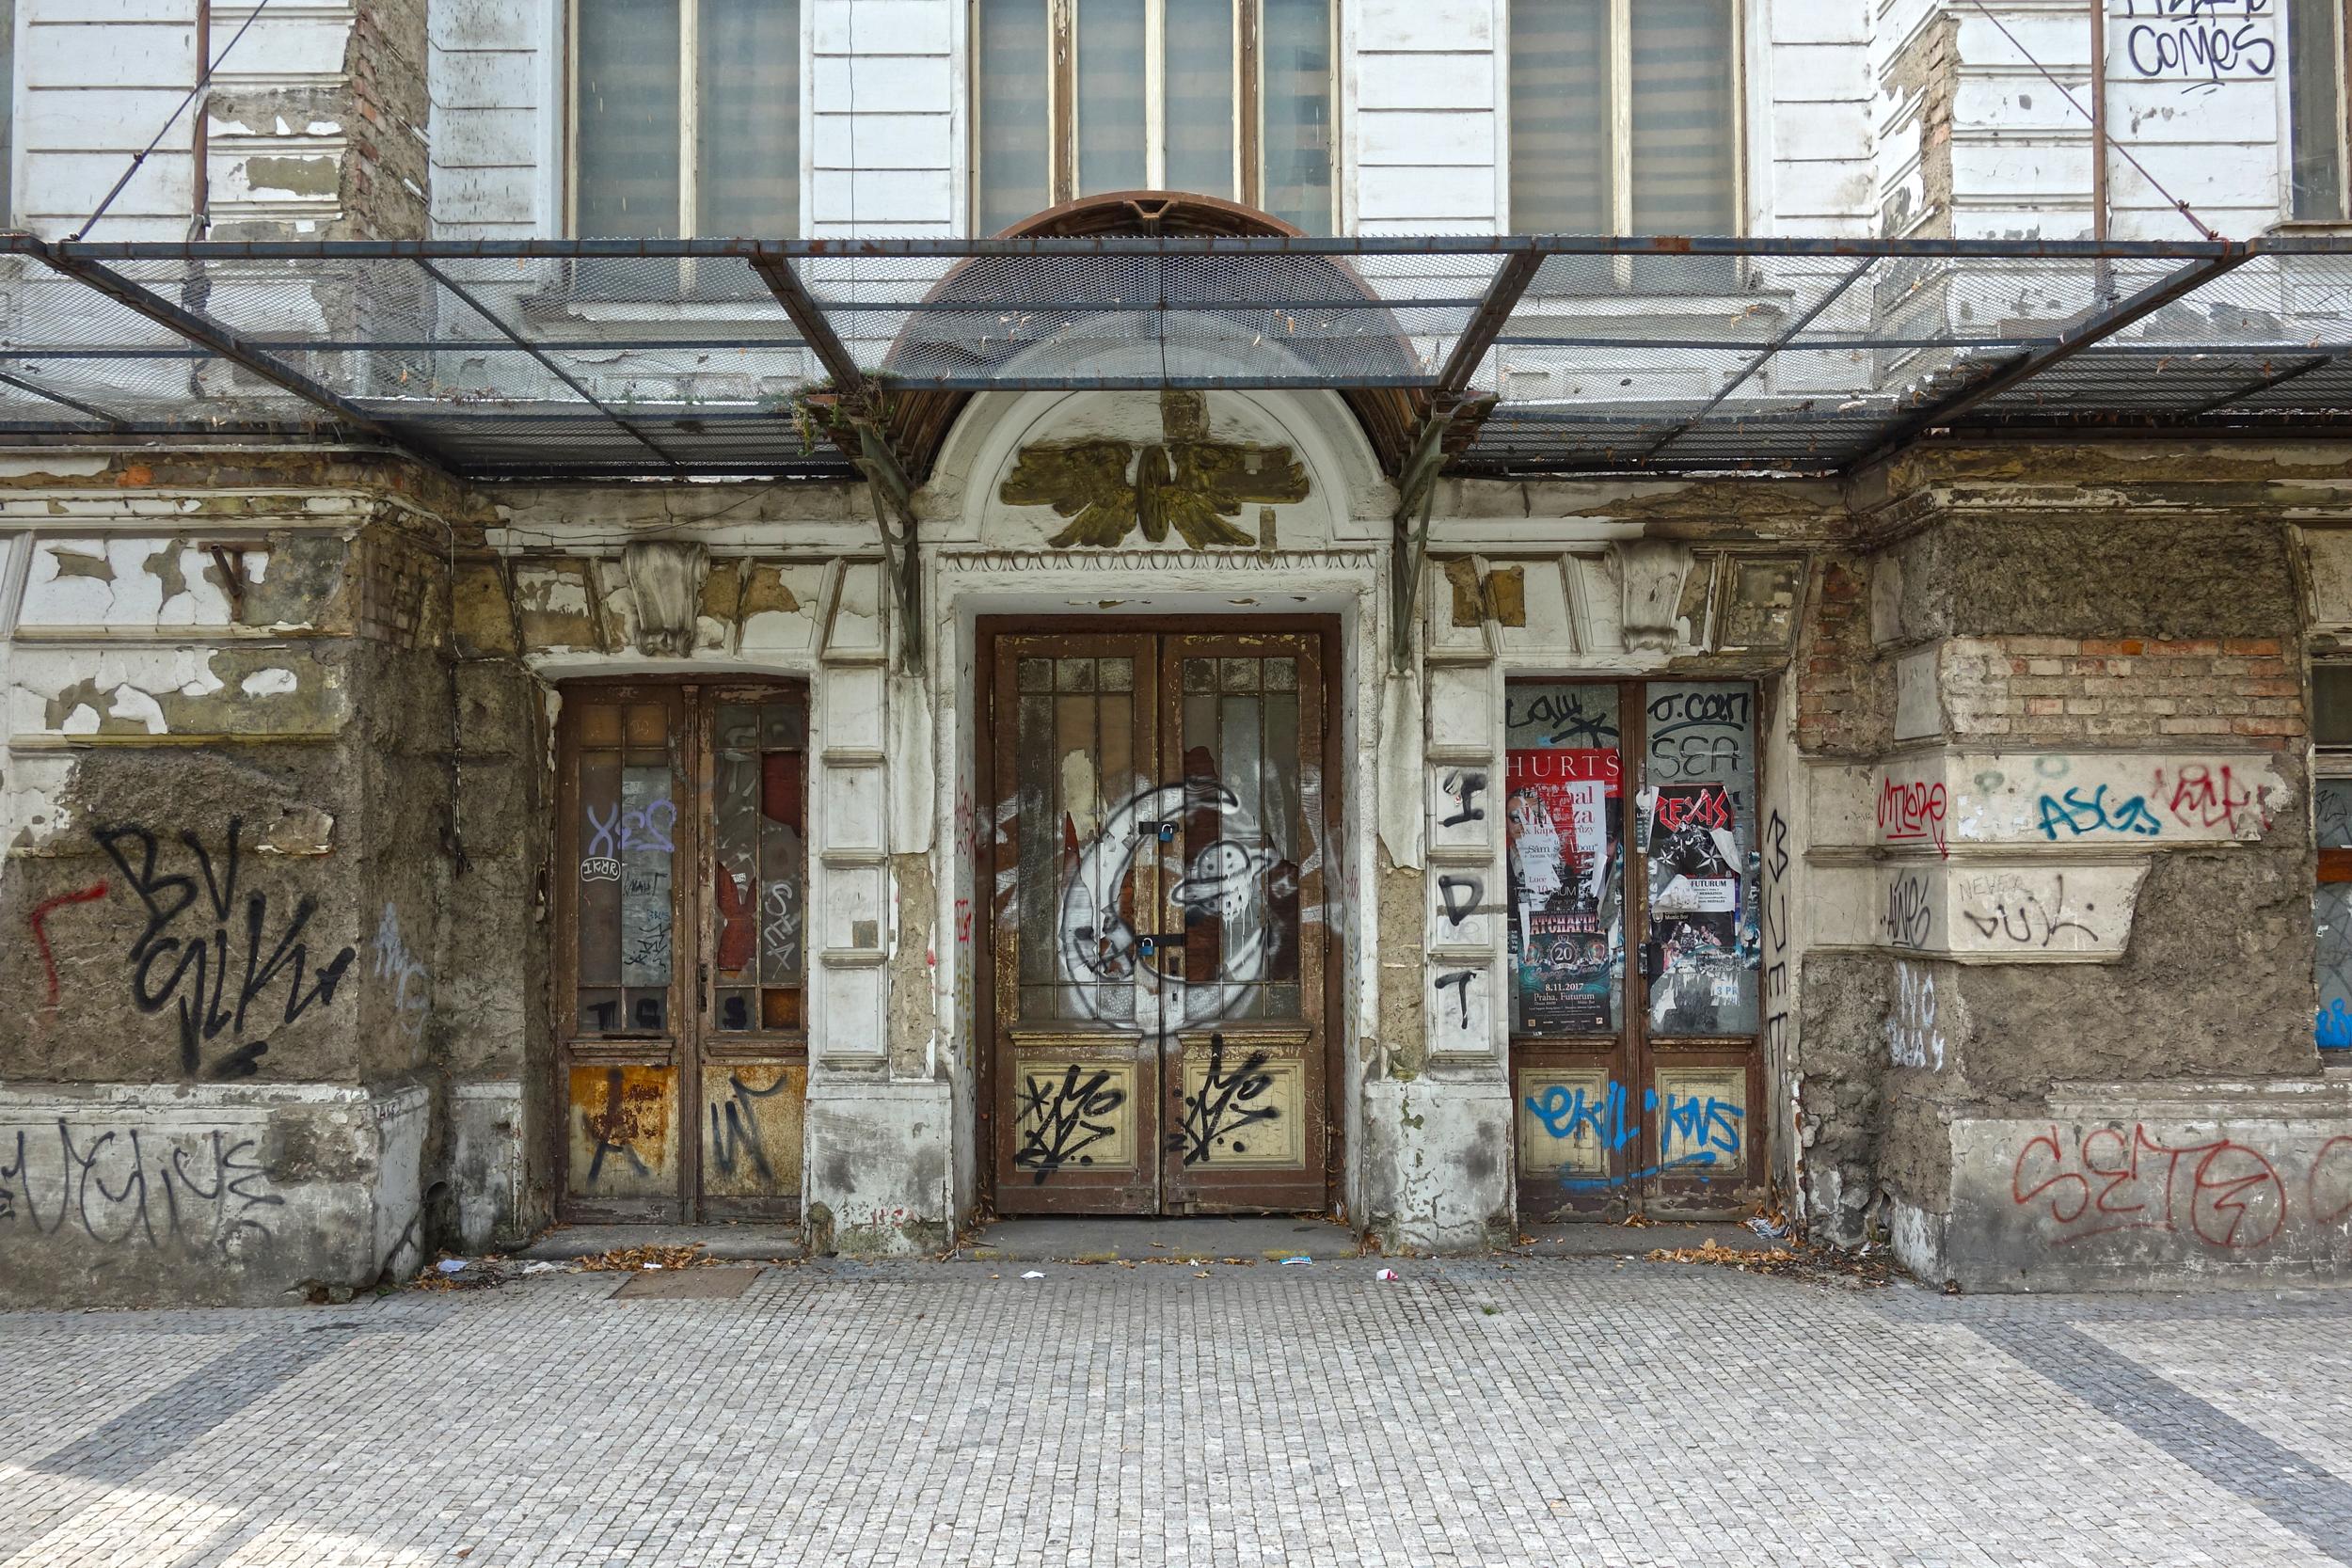 Pomalá smrt vzácné památky pod taktovkou ČD / iDnes.cz: 22.12.2006